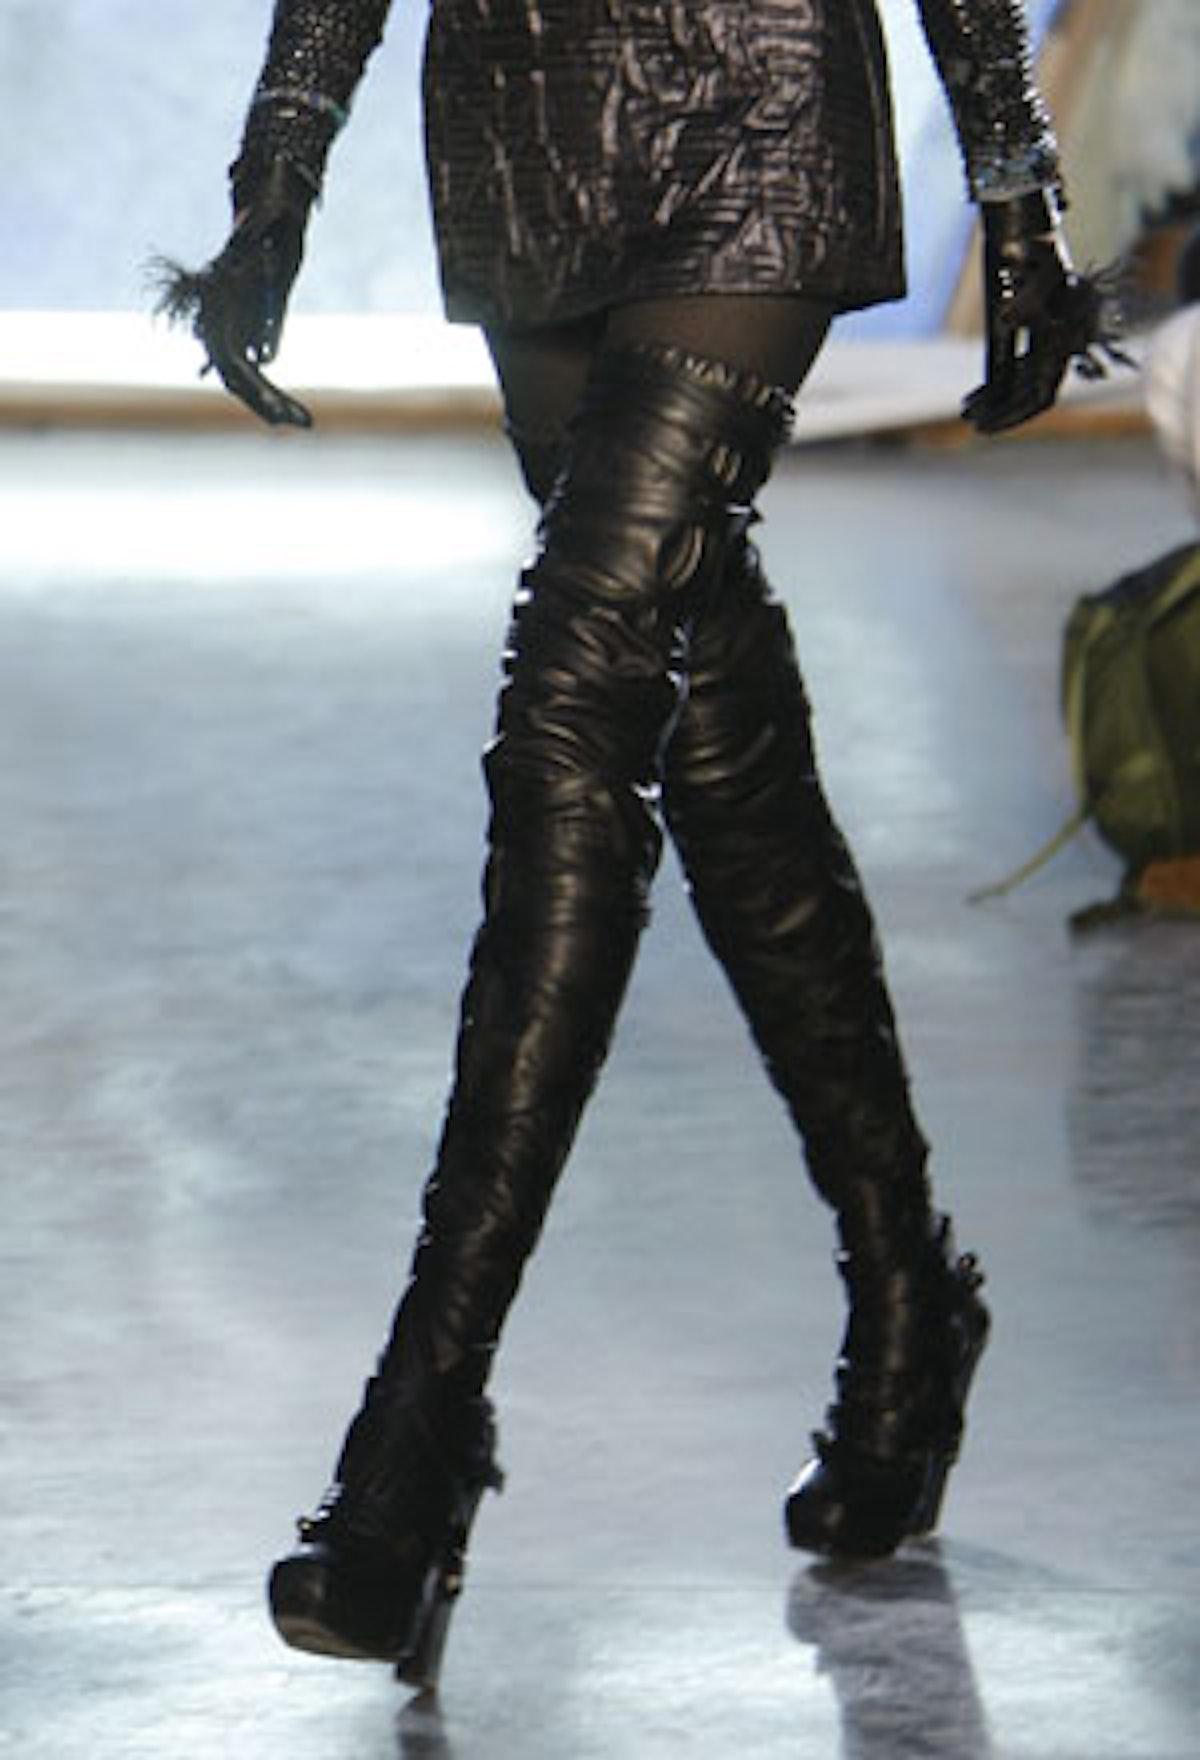 acss_runway_shoes_04_v.jpg